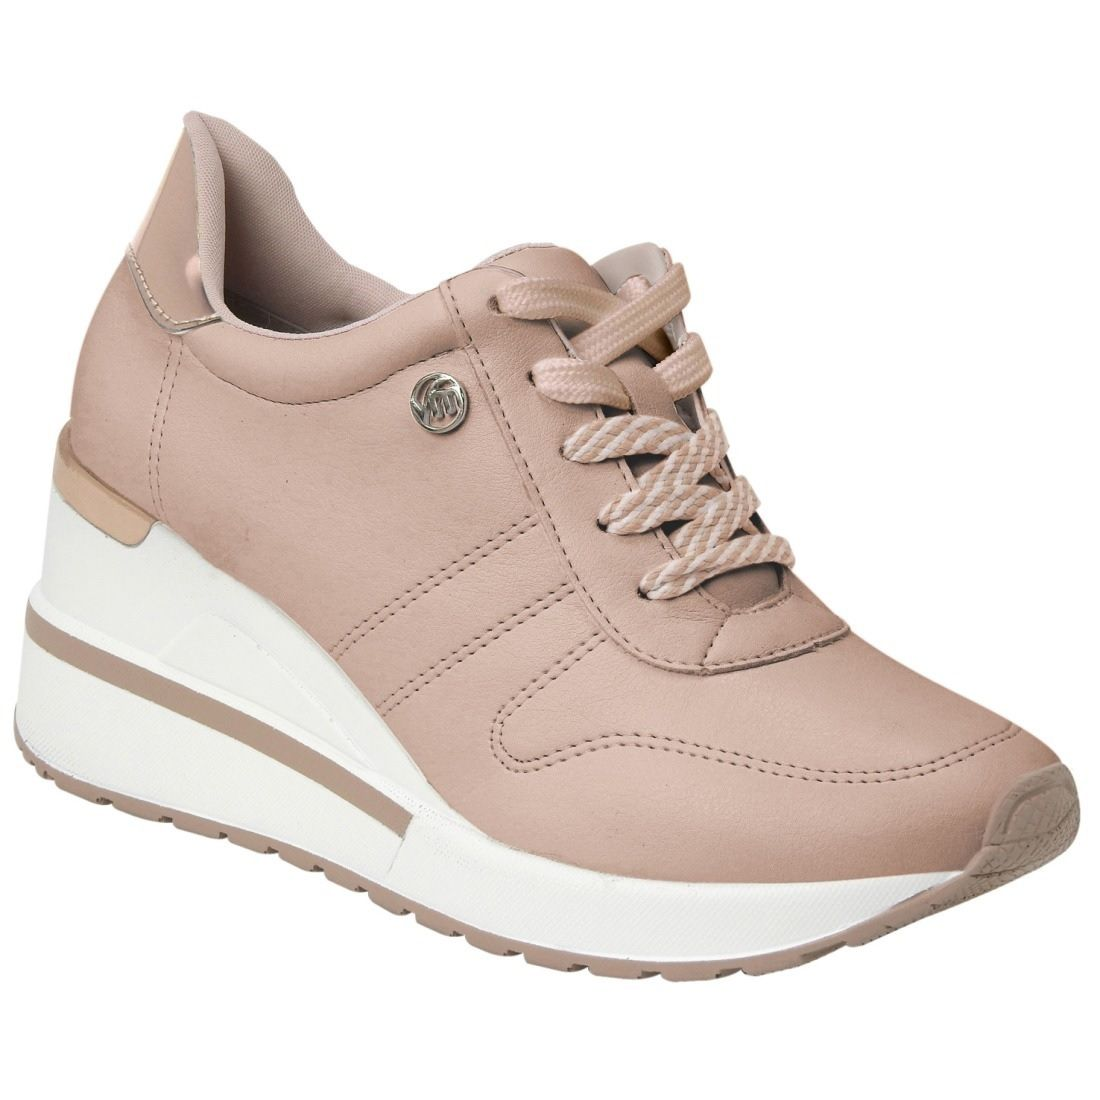 Tênis Via Marte feminino 19-3352 Sneaker